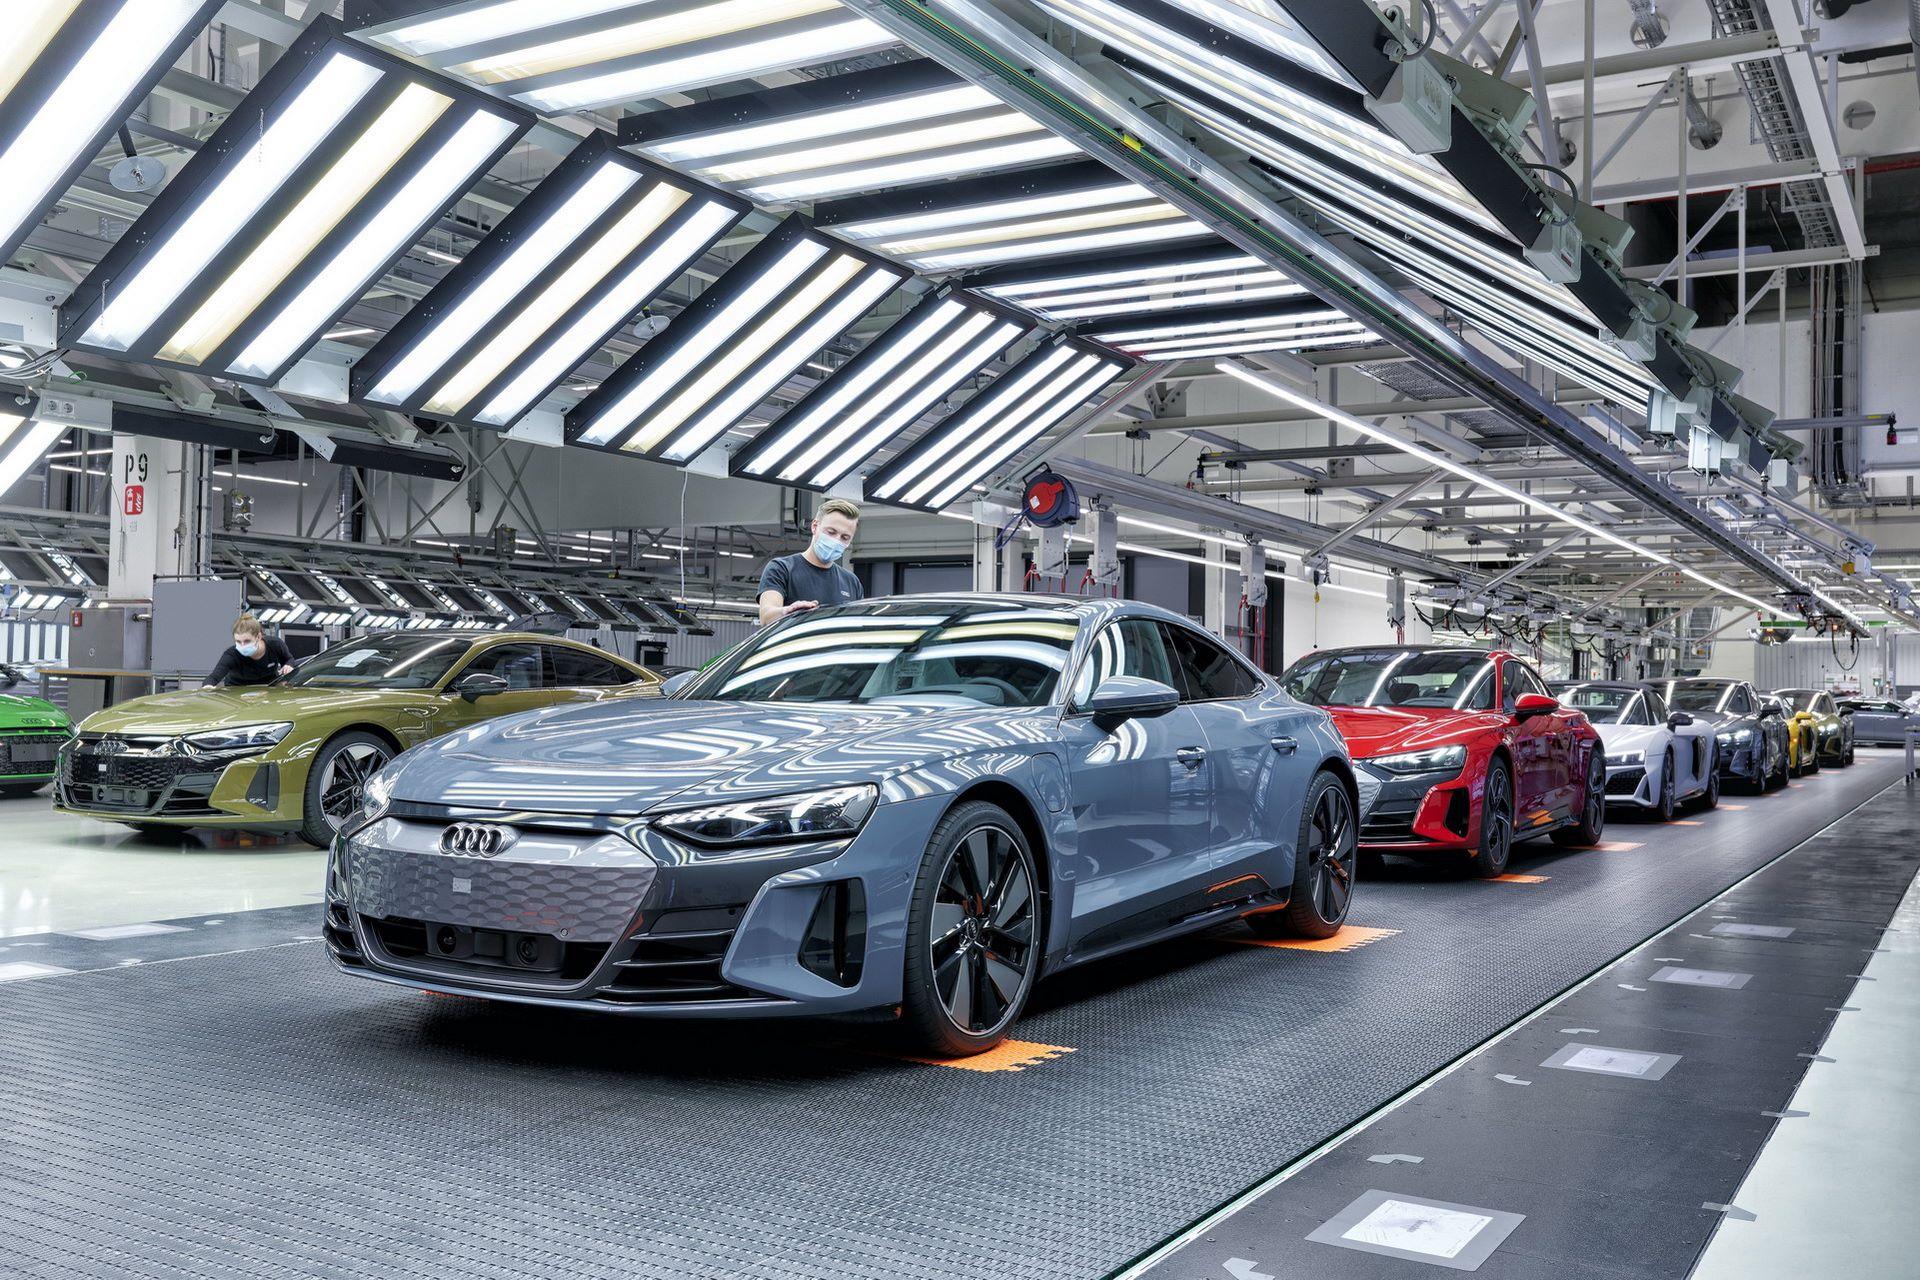 2022-Audi-e-tron-GT-plant-20